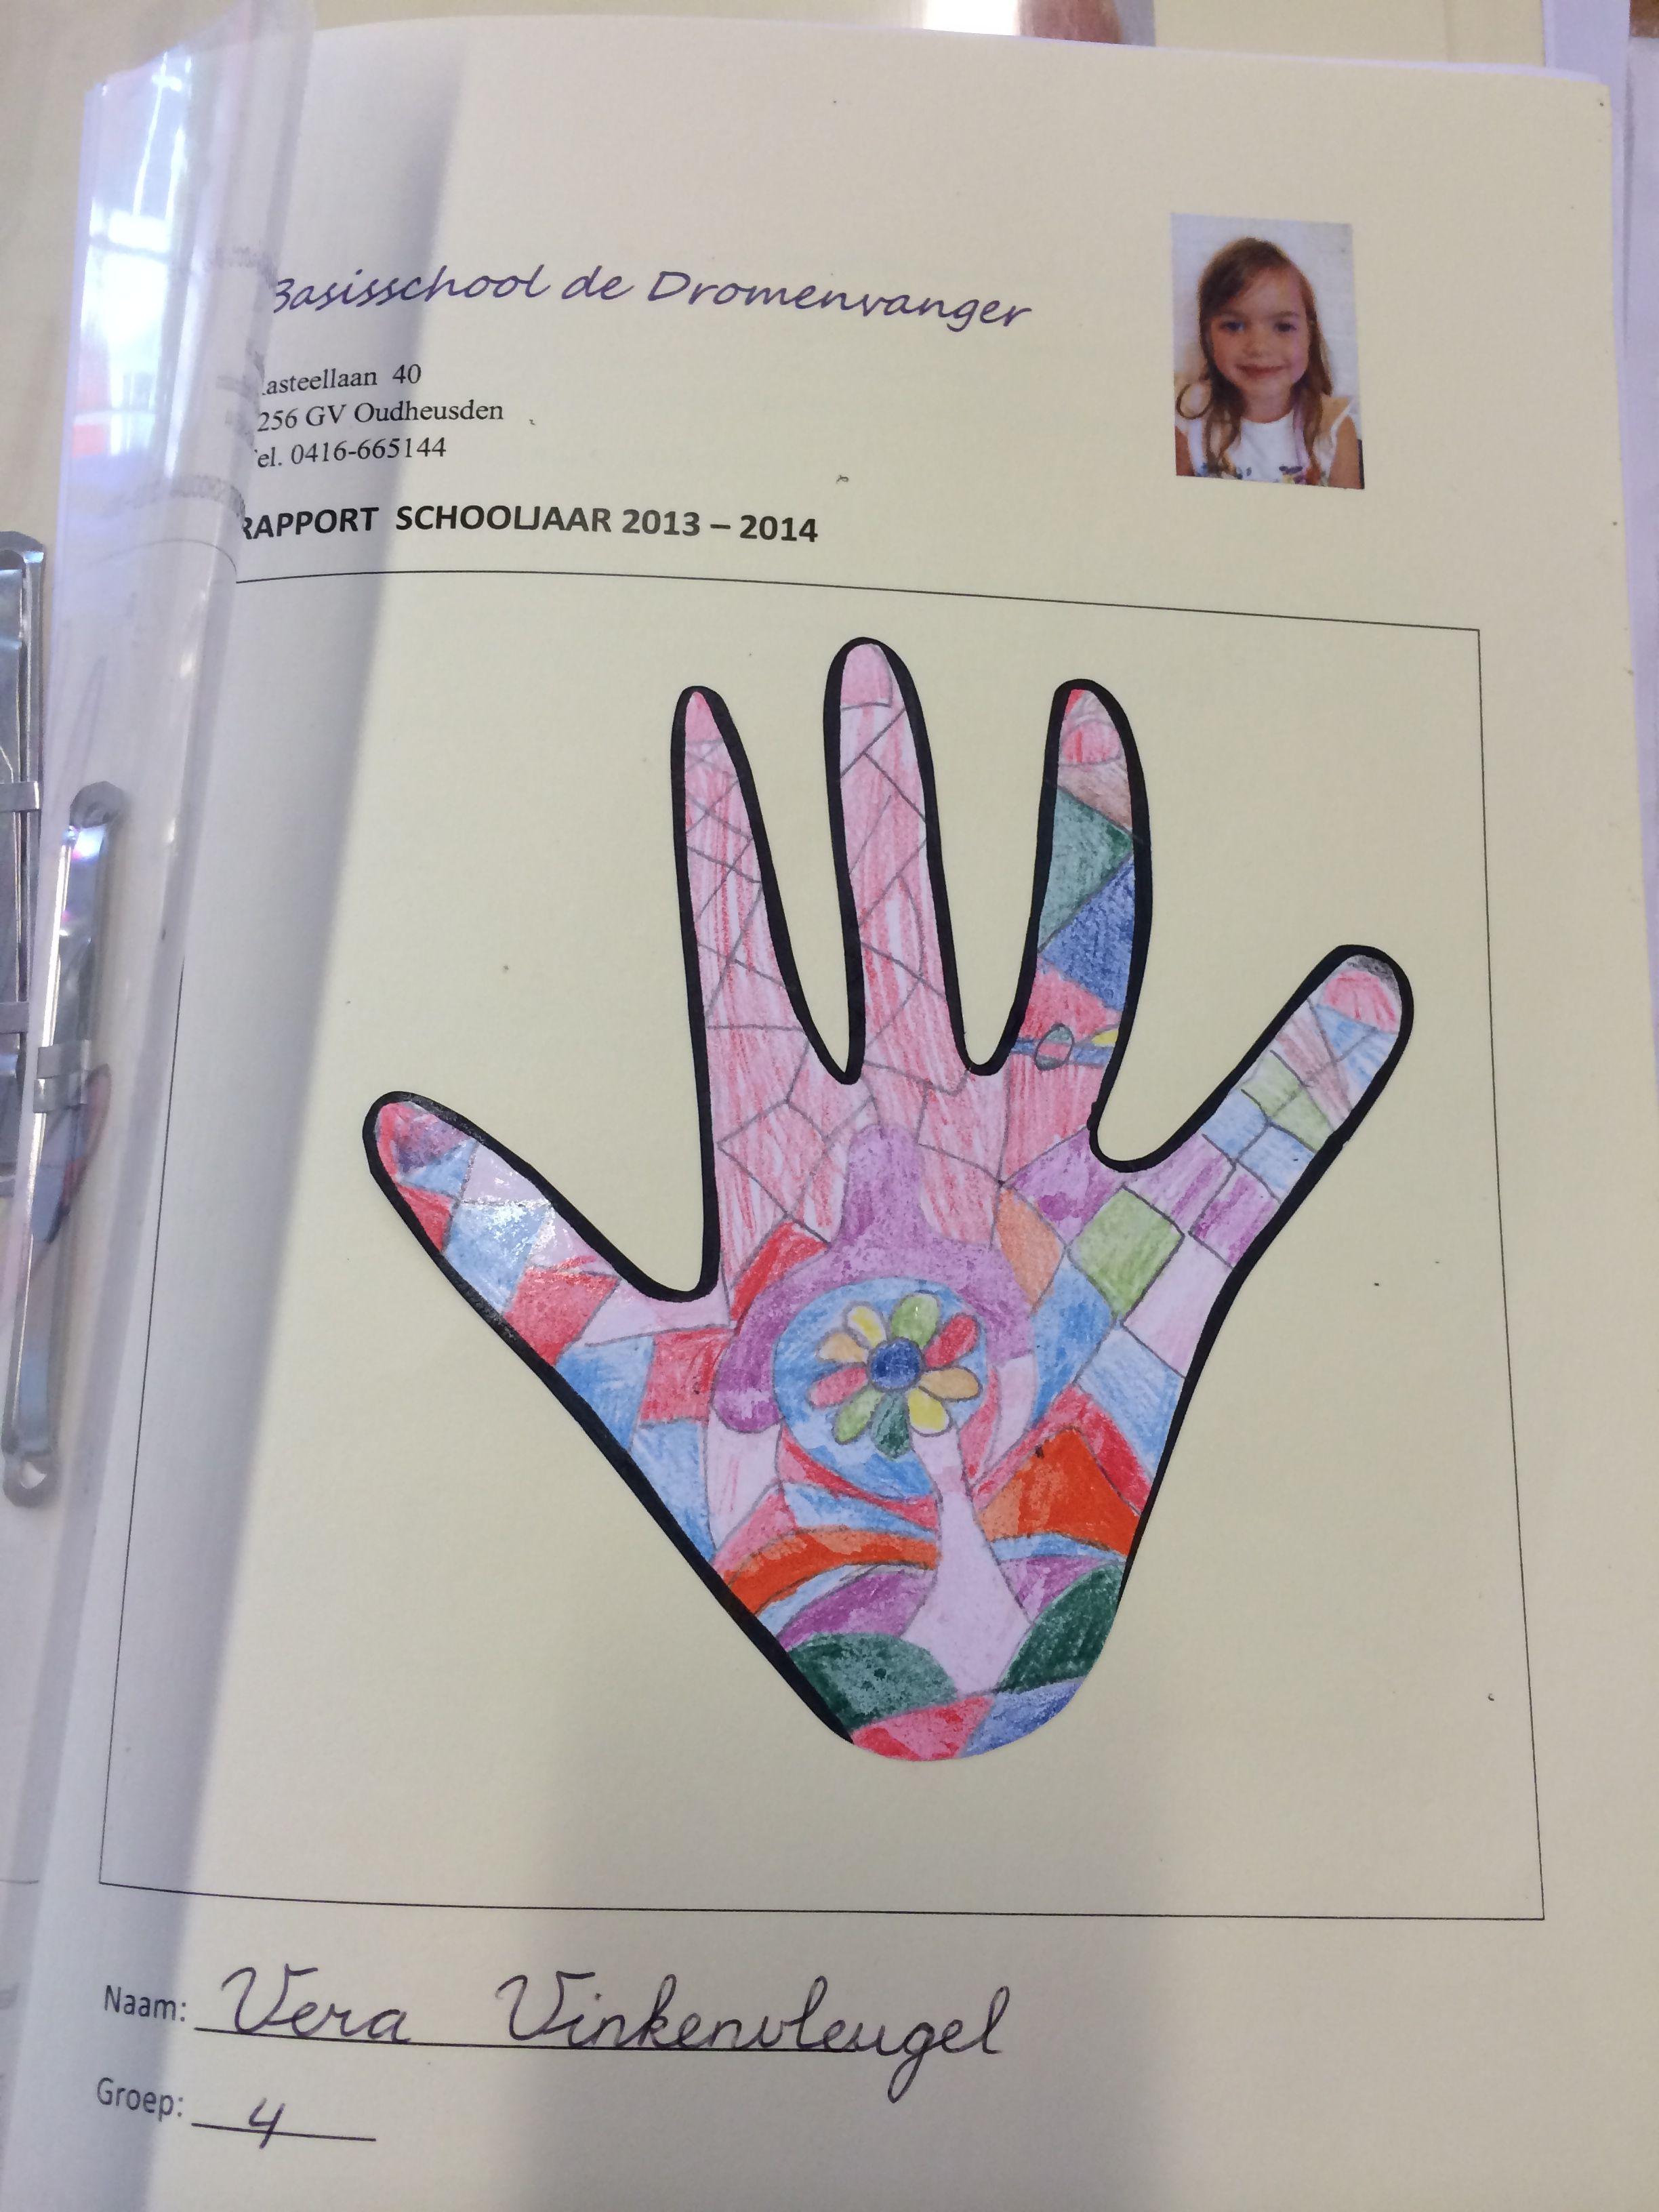 hand overtrekken, in stukjes verdelen en laten inkleuren, zwarte rand erom heen tekenen en uitknippen. voor op een boekje of rapport